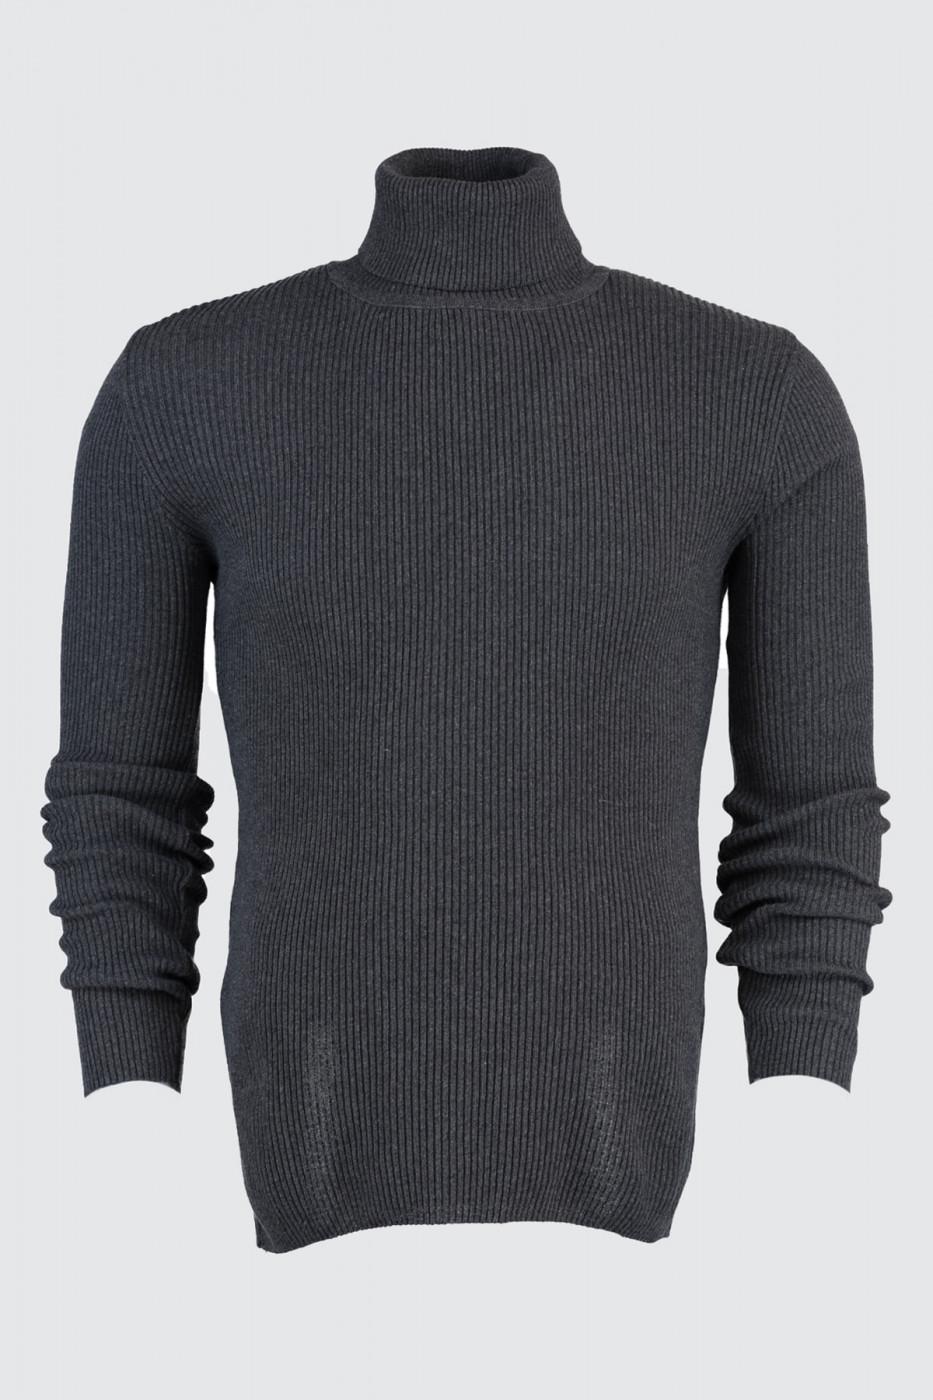 Trendyol Smoked Male Rubber Knitting Turtleneck KnitWear Sweater